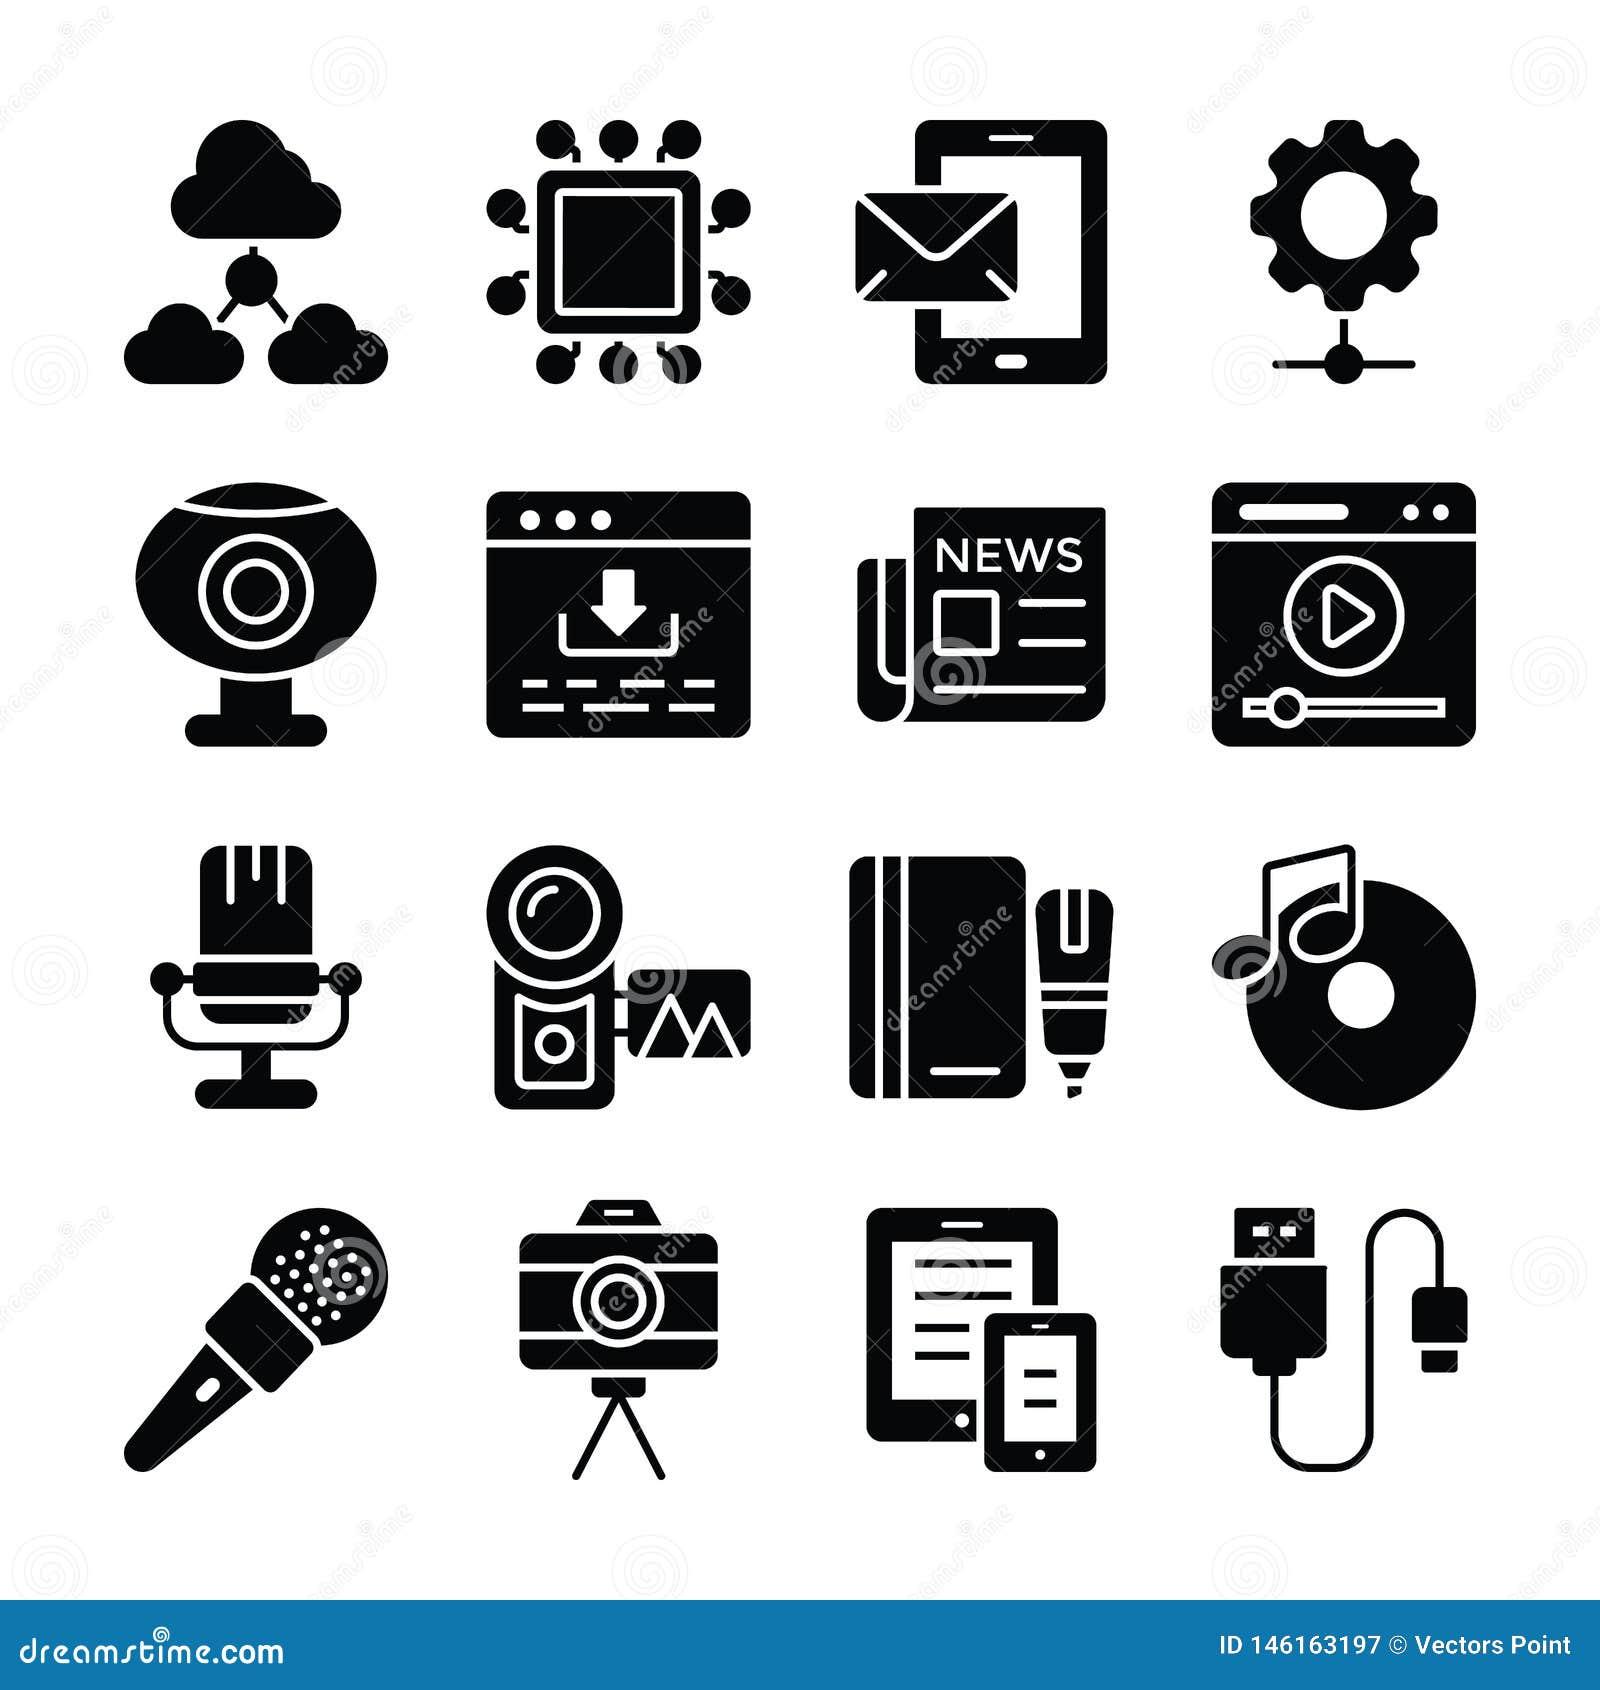 Data Communication Icons Set